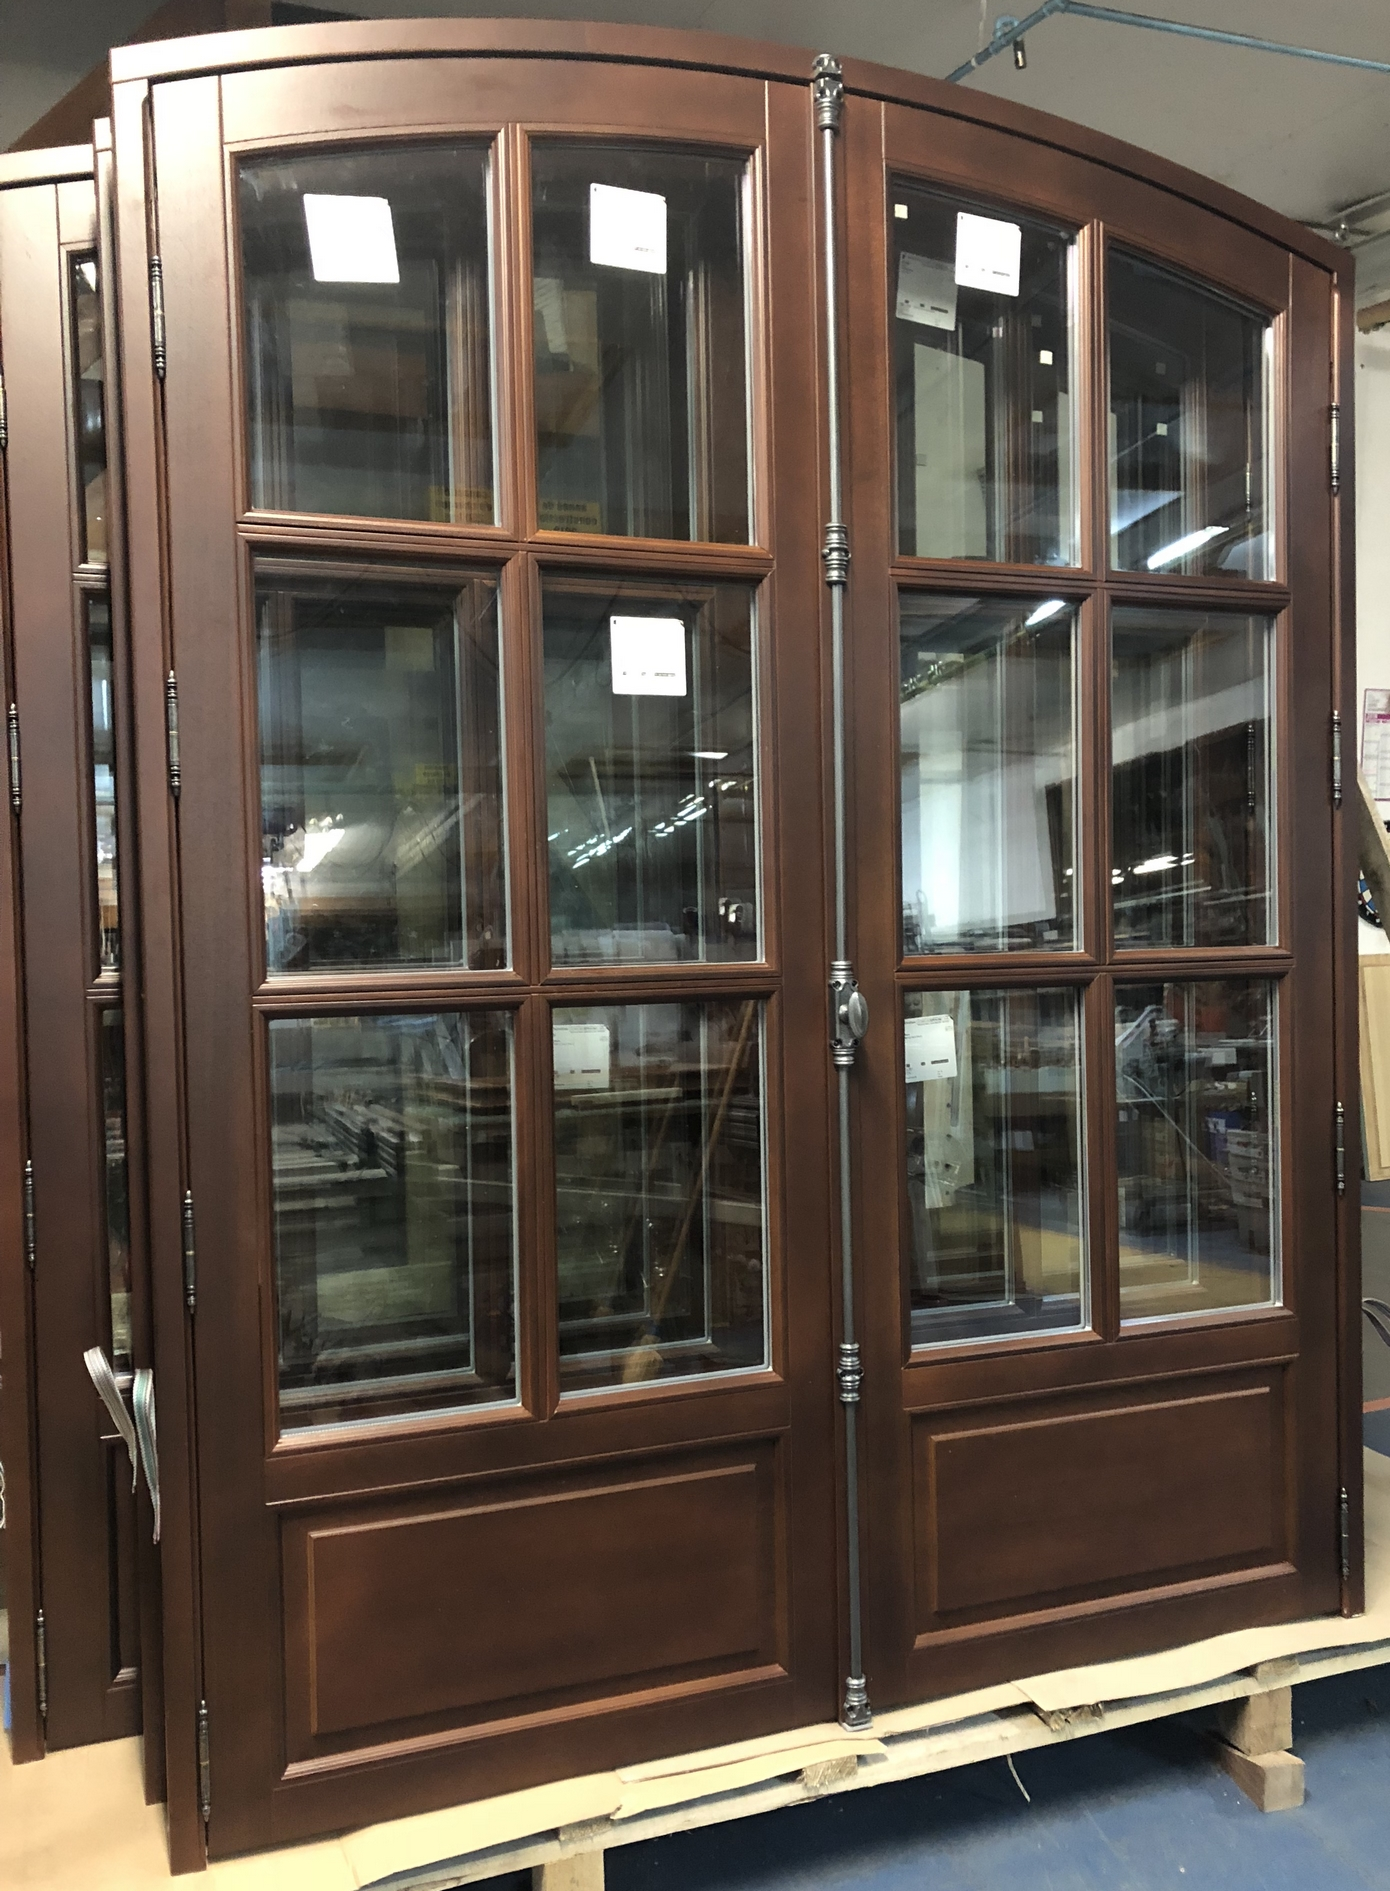 Porte-fenêtre gamme Authentique, lasure chêne foncé, cintre surbaissé